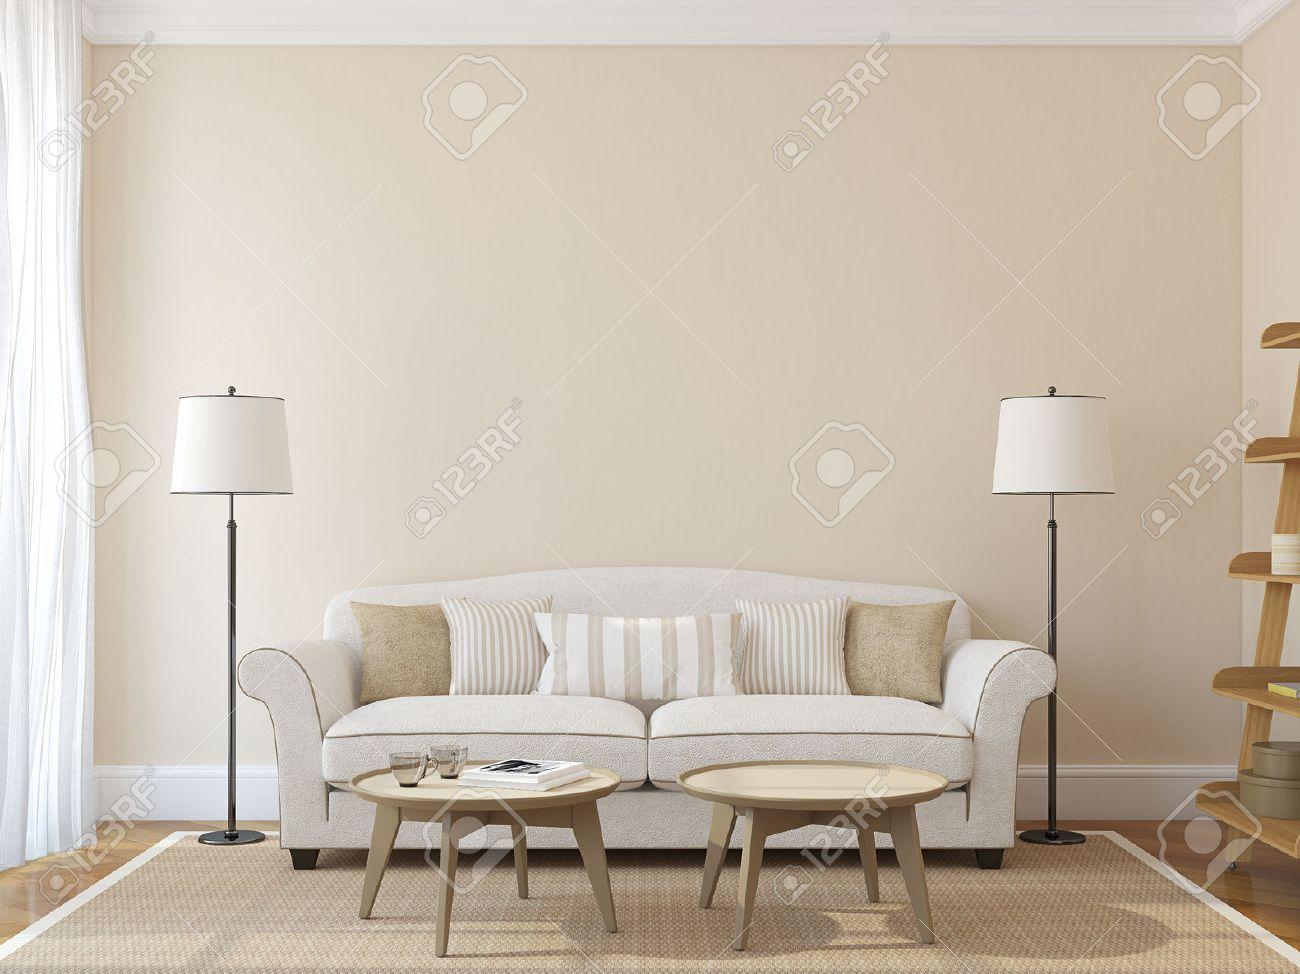 Moderne wohnzimmer beige  Moderne Wohnzimmer Interieur Mit Weißen Couch In Der Nähe Leer ...